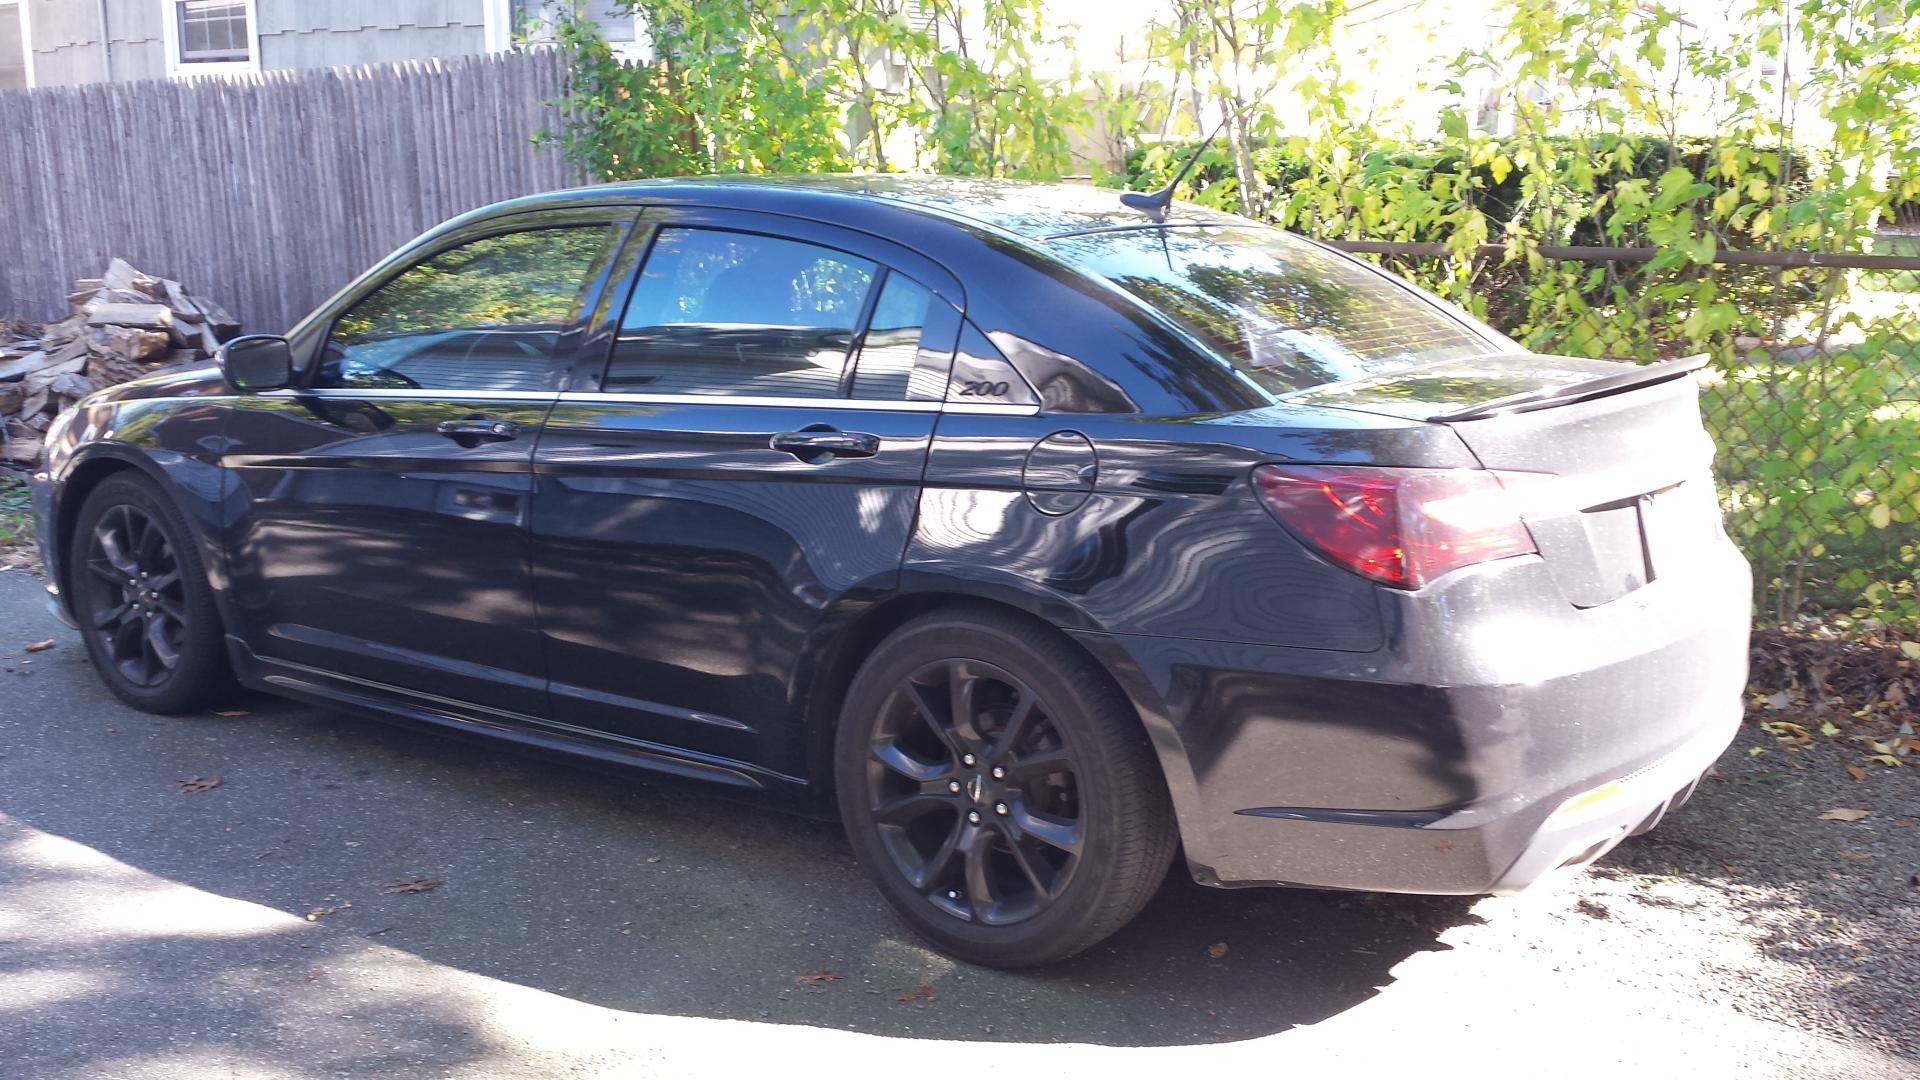 D Inch Rims Lowering on 2012 Chrysler 200 Tires